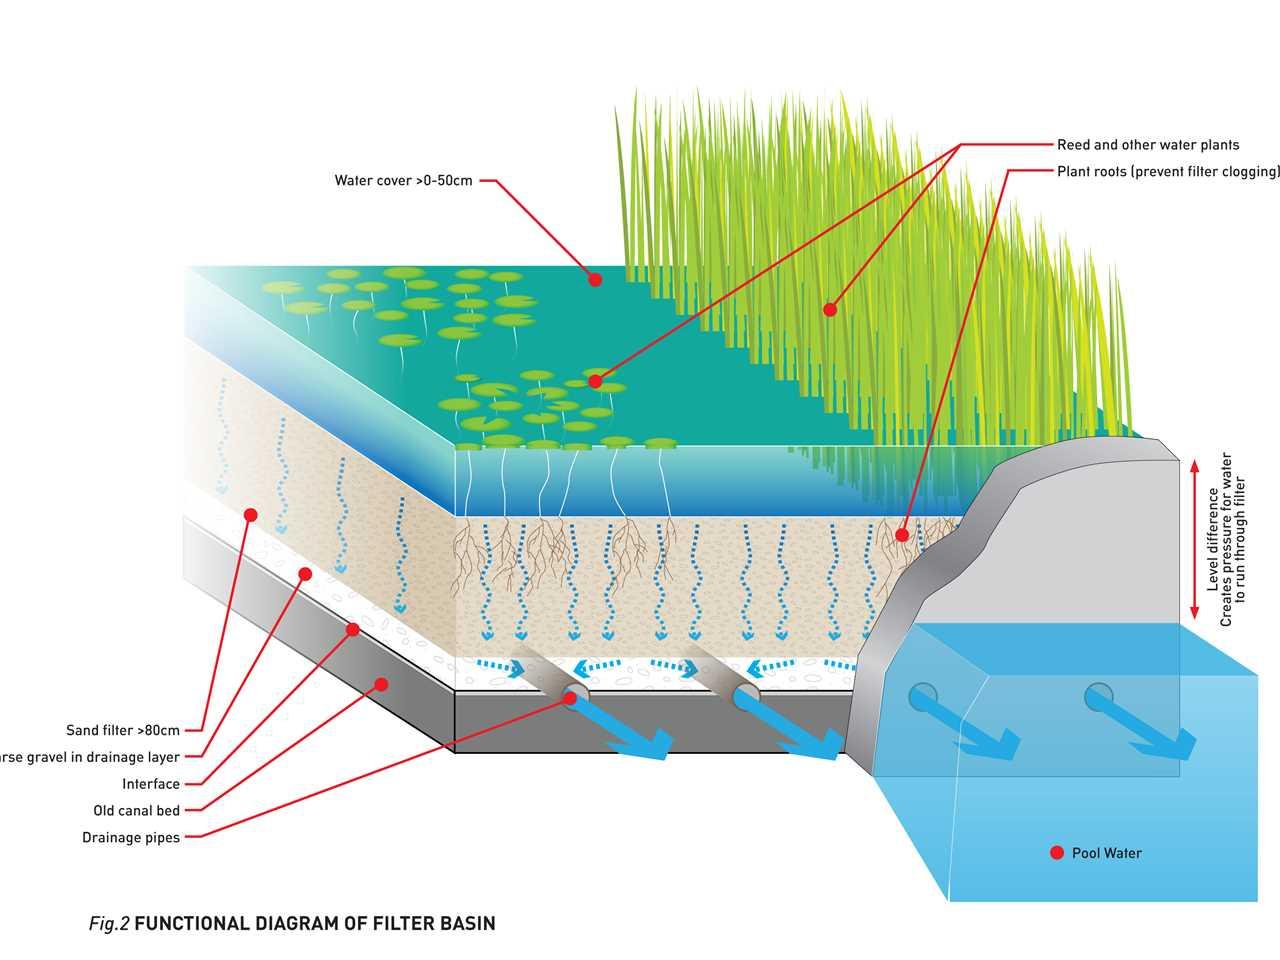 swimming pool filter system diagram control circuit wiring diagrams urban renewal and precinct berlin germany